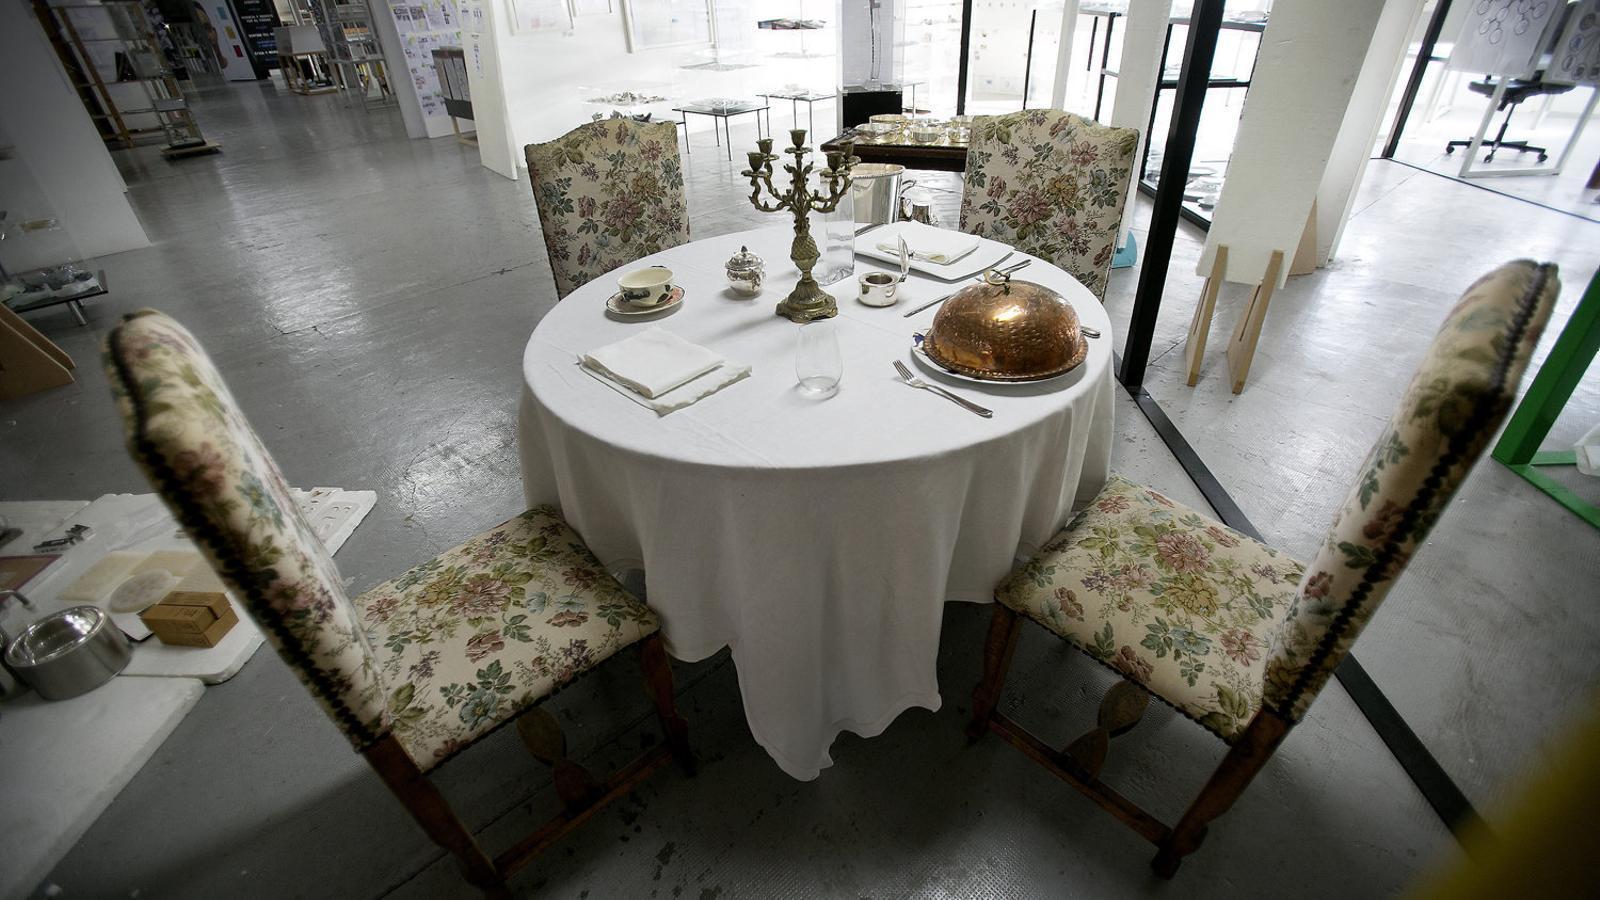 Menjar durant 3 hores: el límit de l'experiència gastronòmica Degustar també la decoració del restaurant